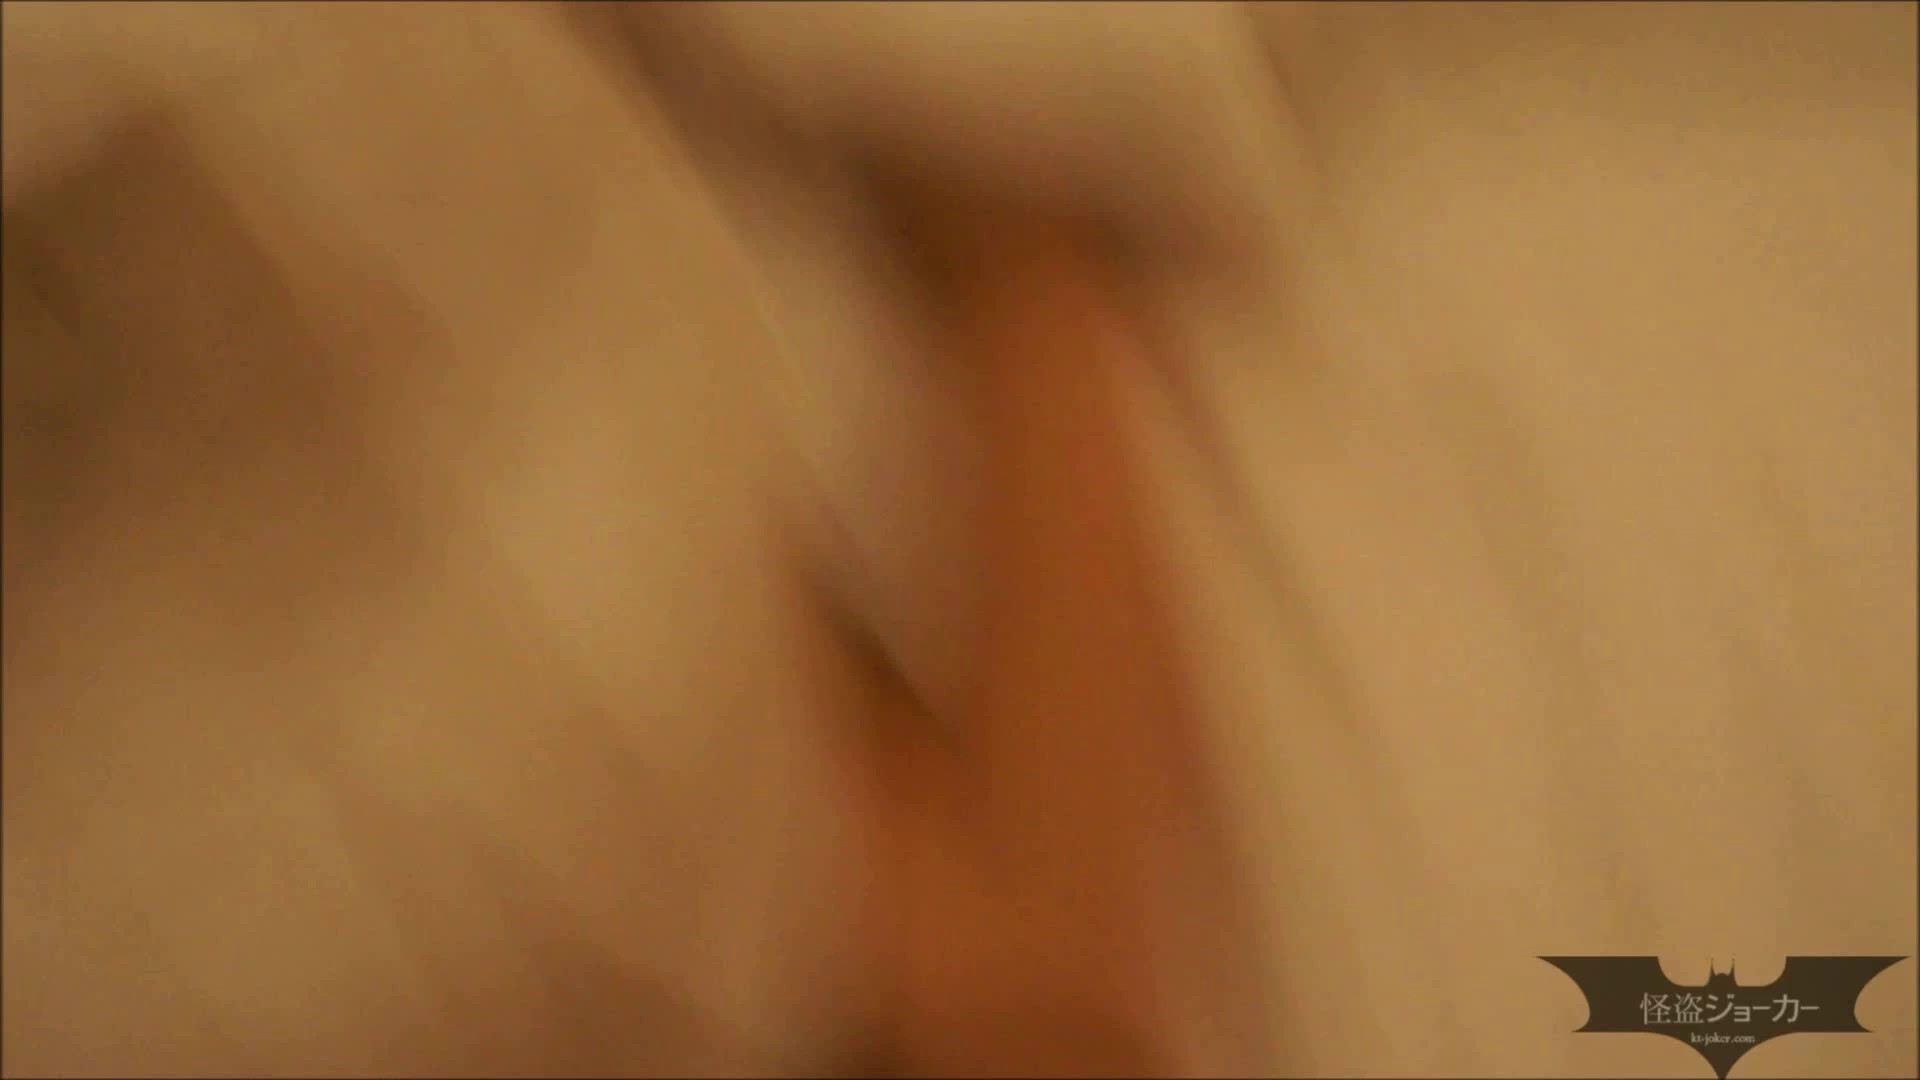 【未公開】vol.20 セレブ美魔女・カリソメの笑顔。最後の交わり...生中出し 中出し  80連発 28